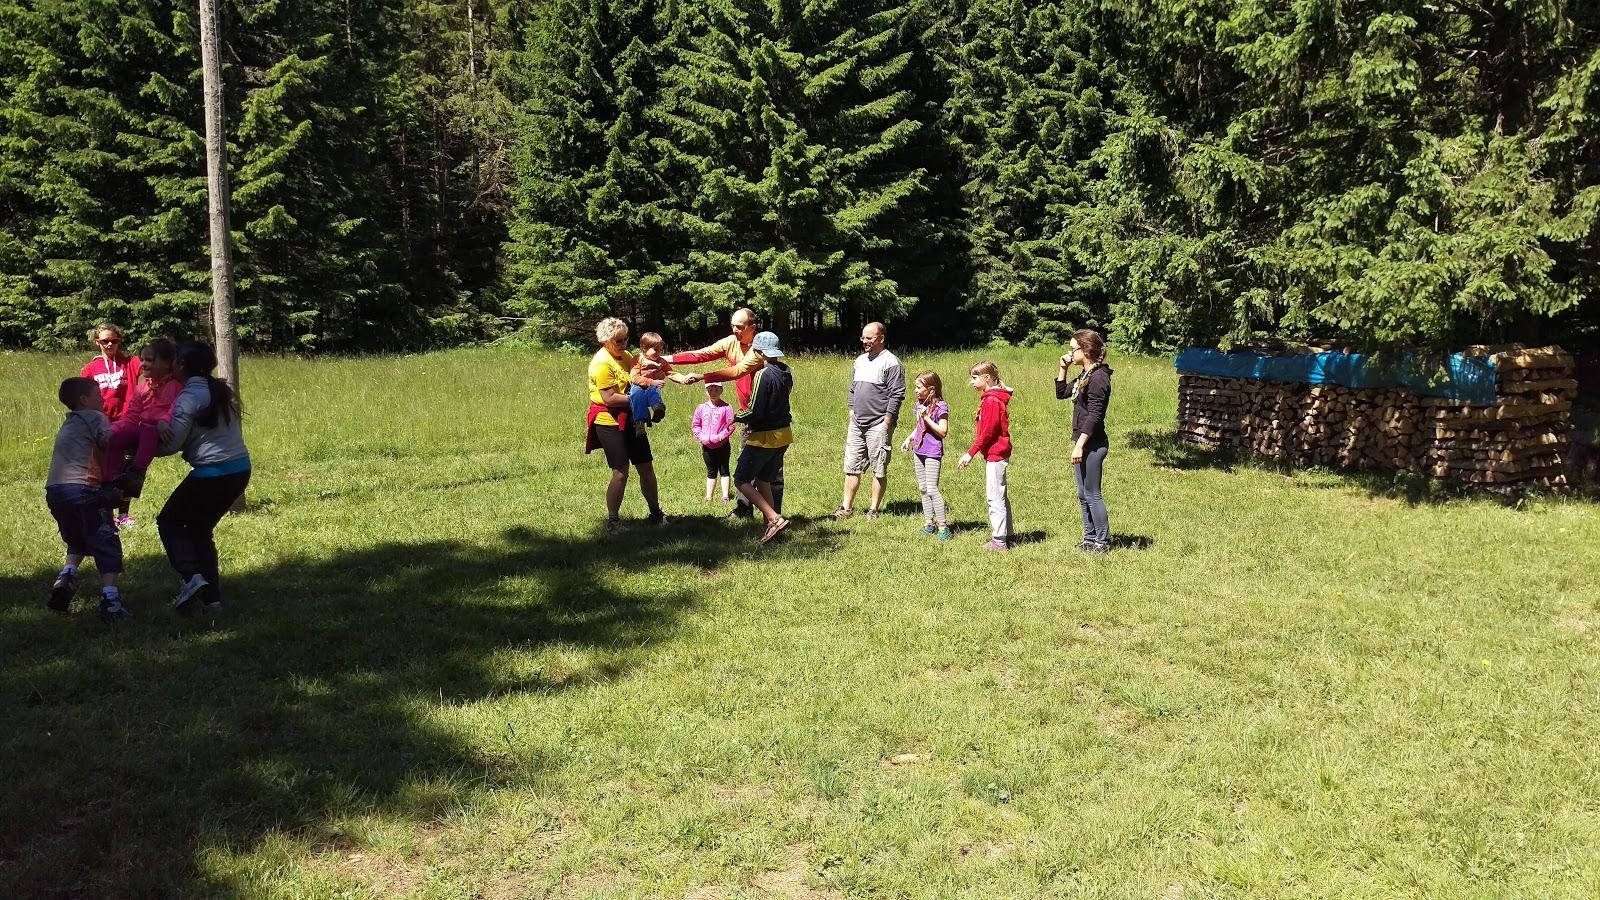 Piknik s starši 2015, Črni dol, 21. 6. 2015 - IMAG0189.jpg